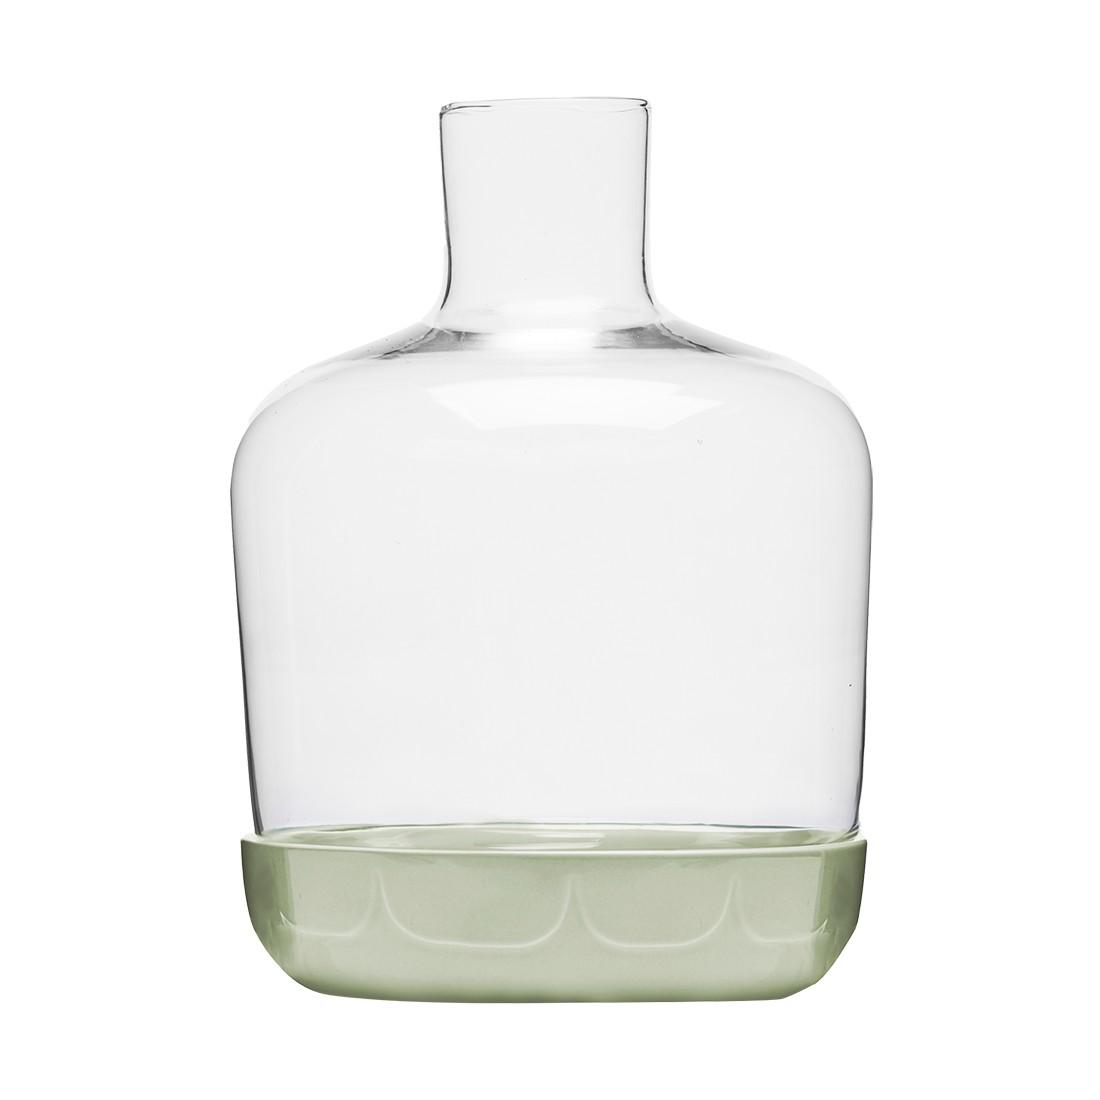 Mini-Gewächshaus Green mit Deckel grün – Keramik,Glas Grün, Sagaform kaufen